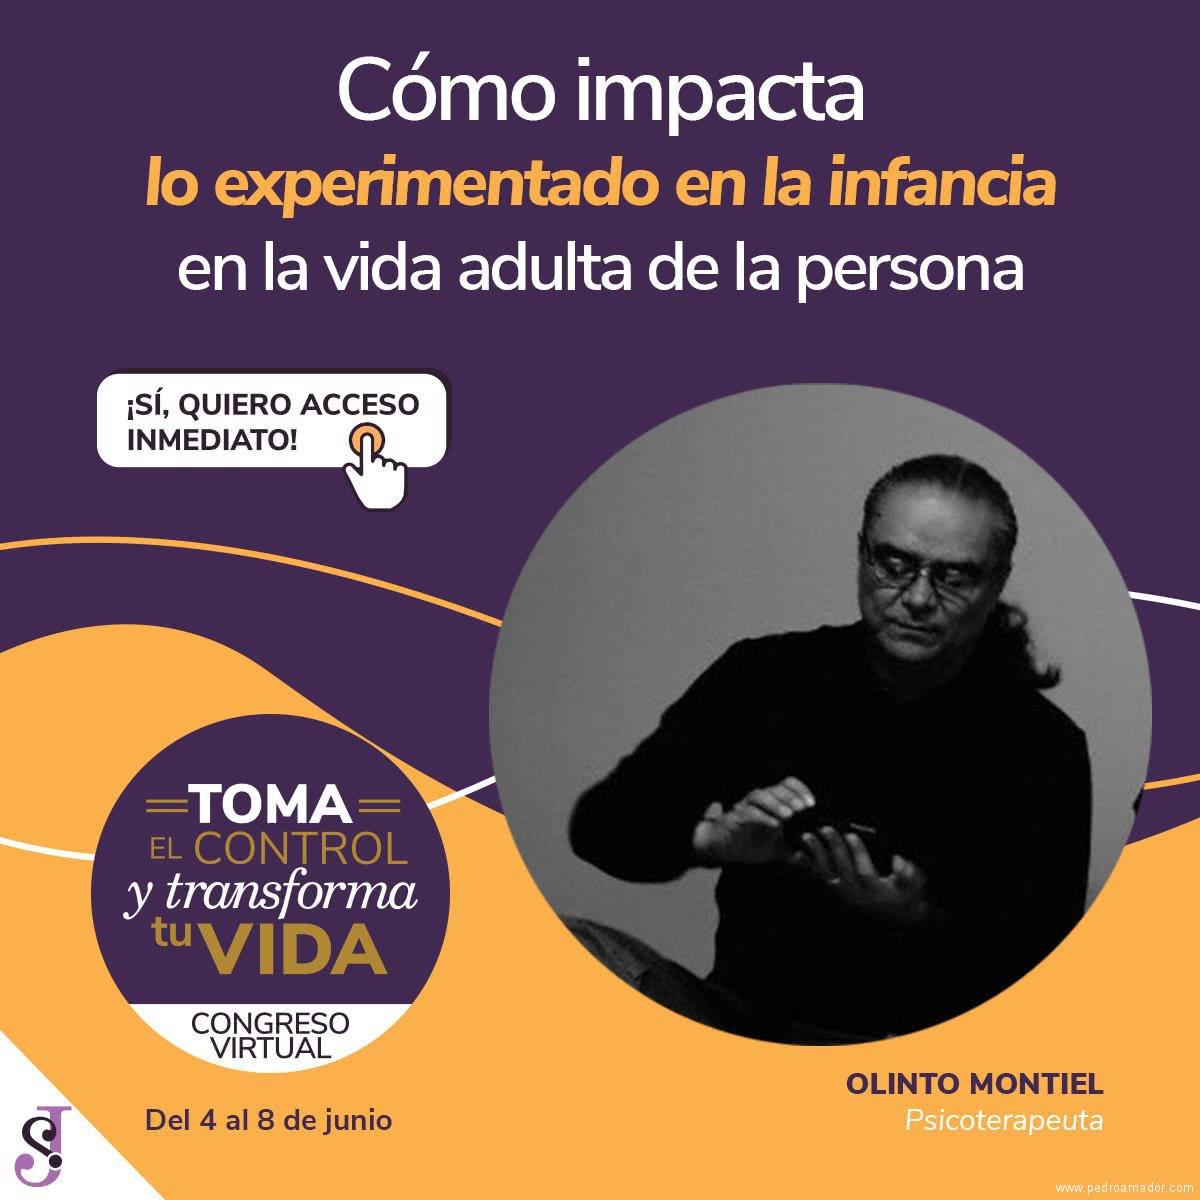 Transforma tu vida - Olinto Montiel